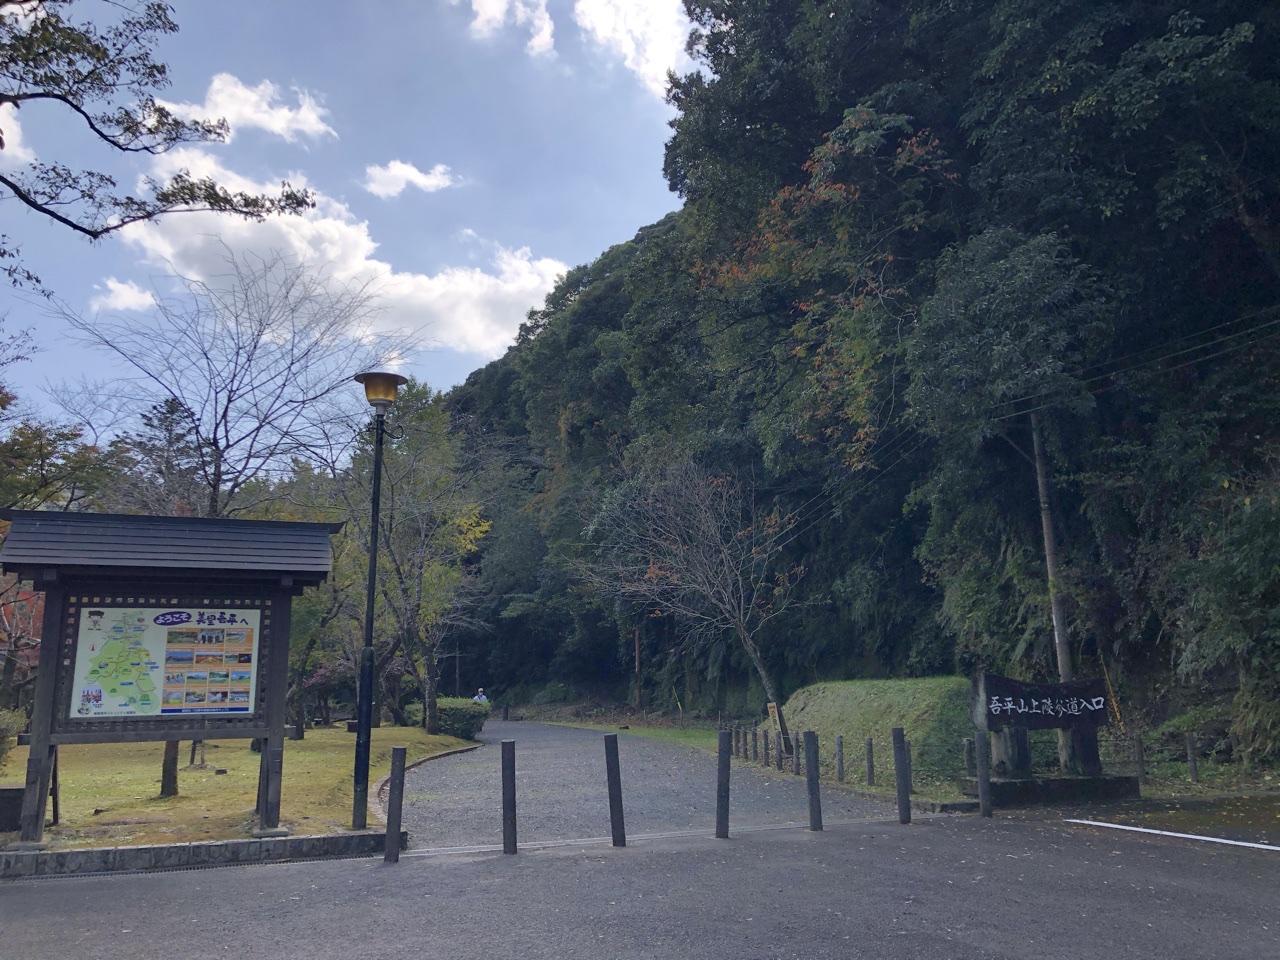 吾平山上陵(あいらさんりょう)アイラノヤマノウエノミササギ(アイラサンリョウ)-鹿屋市吾平町上名- イメージ画像